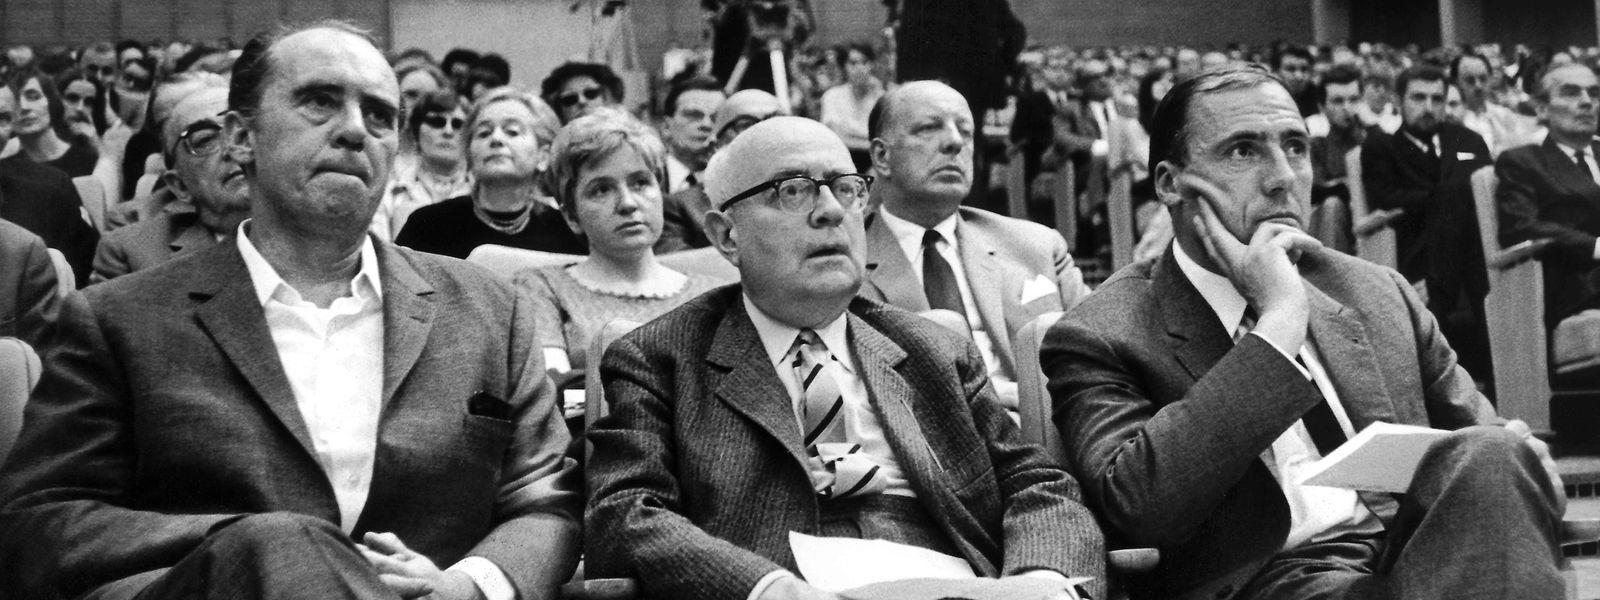 1968: Der Schriftsteller Heinrich Böll, der Soziologie-Professor Theodor W. Adorno und der Verleger Siegfried Unseld hören bei einer Veranstaltung gegen die Notstandsgesetzgebung im Großen Sendesaal des Hessischen Rundfunks einem Vortrag zu. Adorno ist am 6. August vor 50 Jahren gestorben.